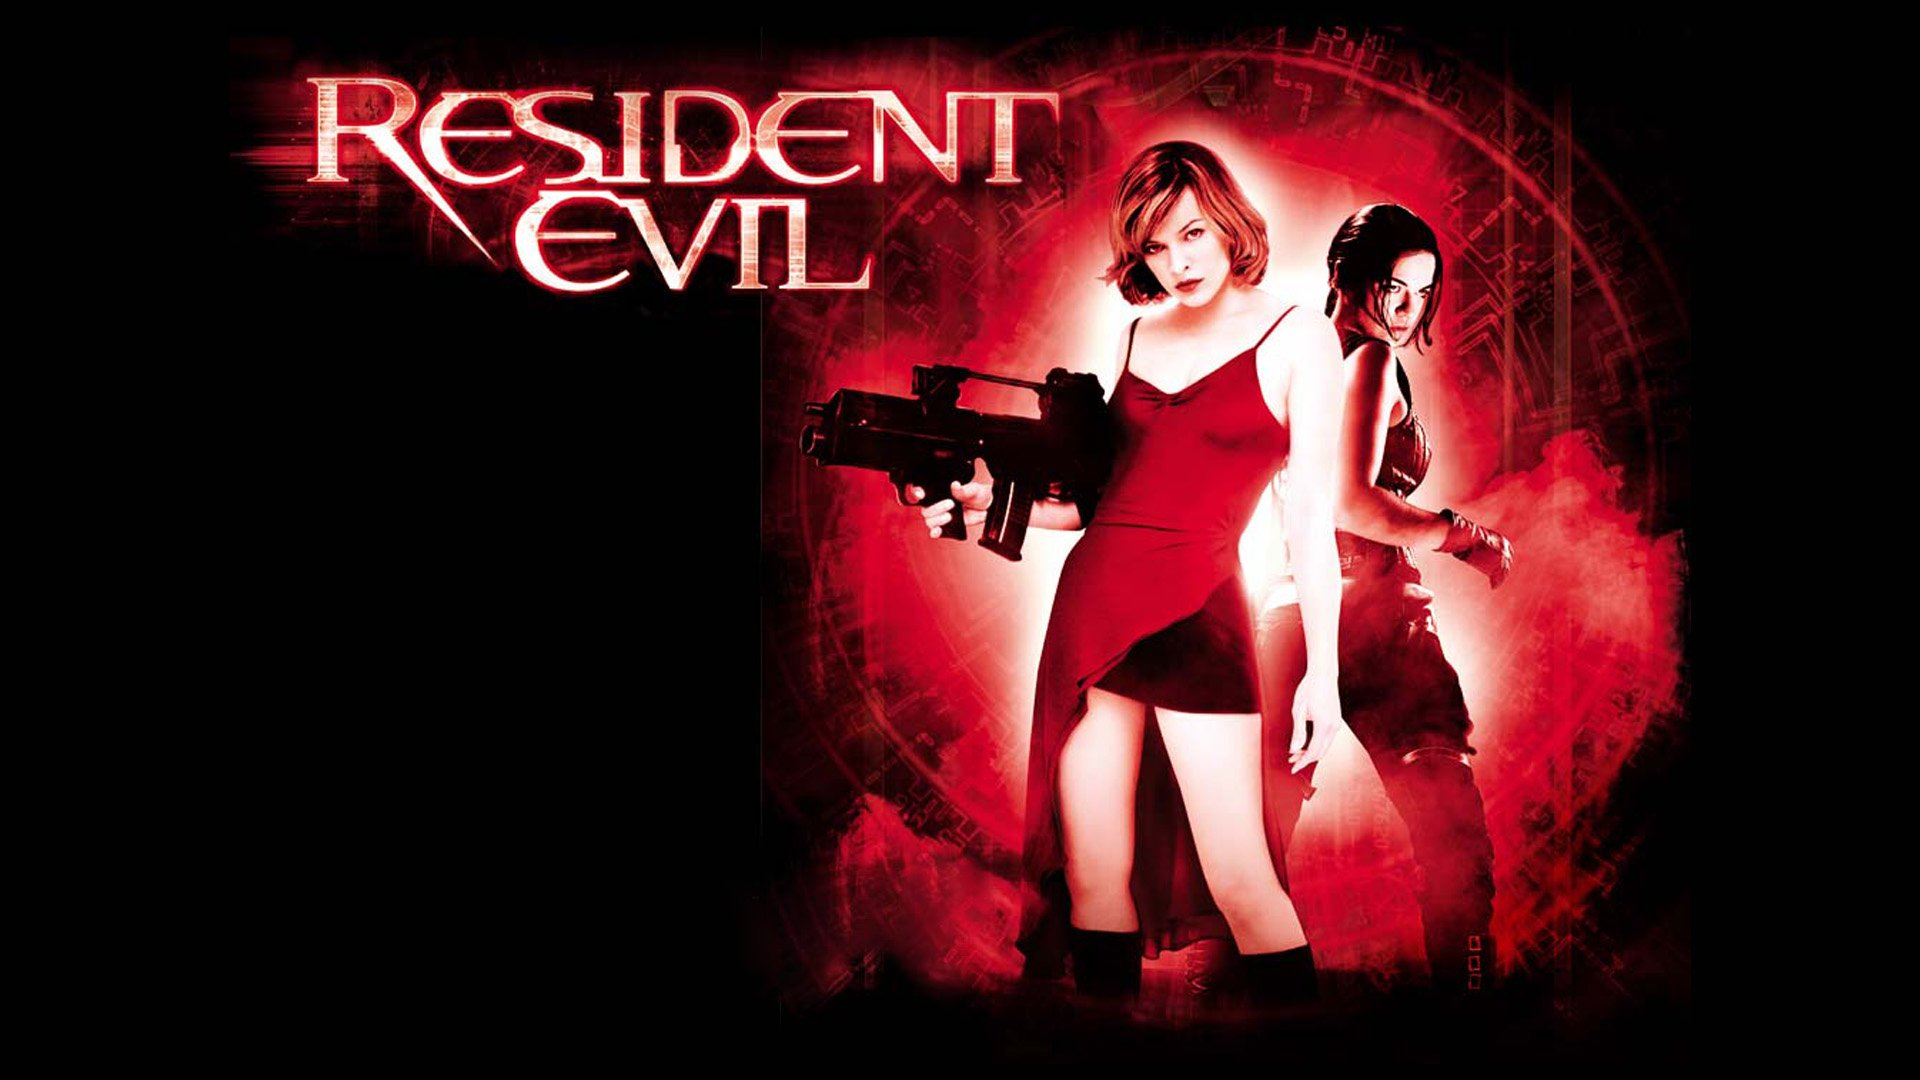 Resident Evil 7 Hd Wallpaper: Resident Evil Full HD Wallpaper And Background Image